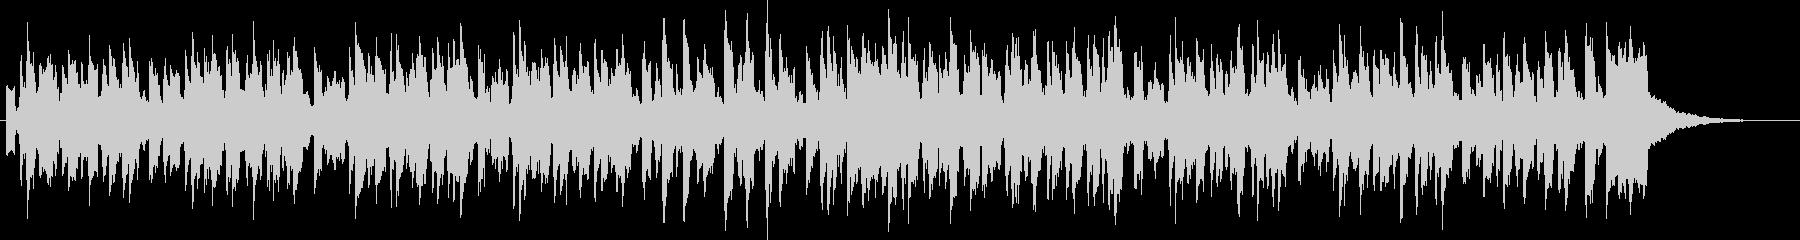 シンセとスチールドラムのほのぼのジングルの未再生の波形